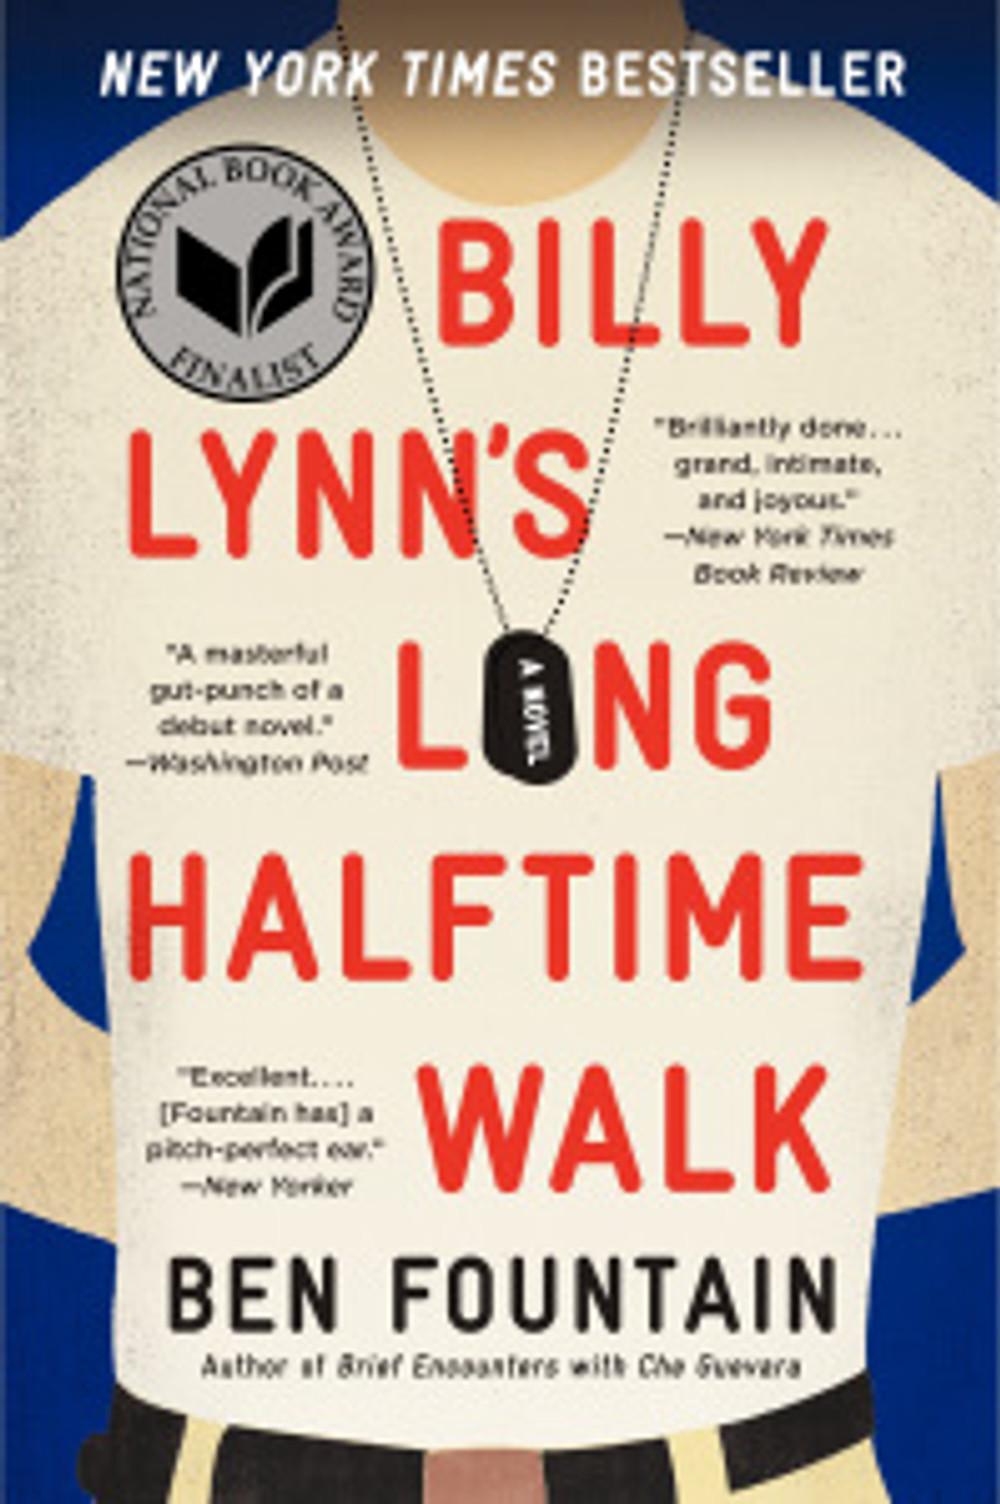 BillyLynn-pb-cover1